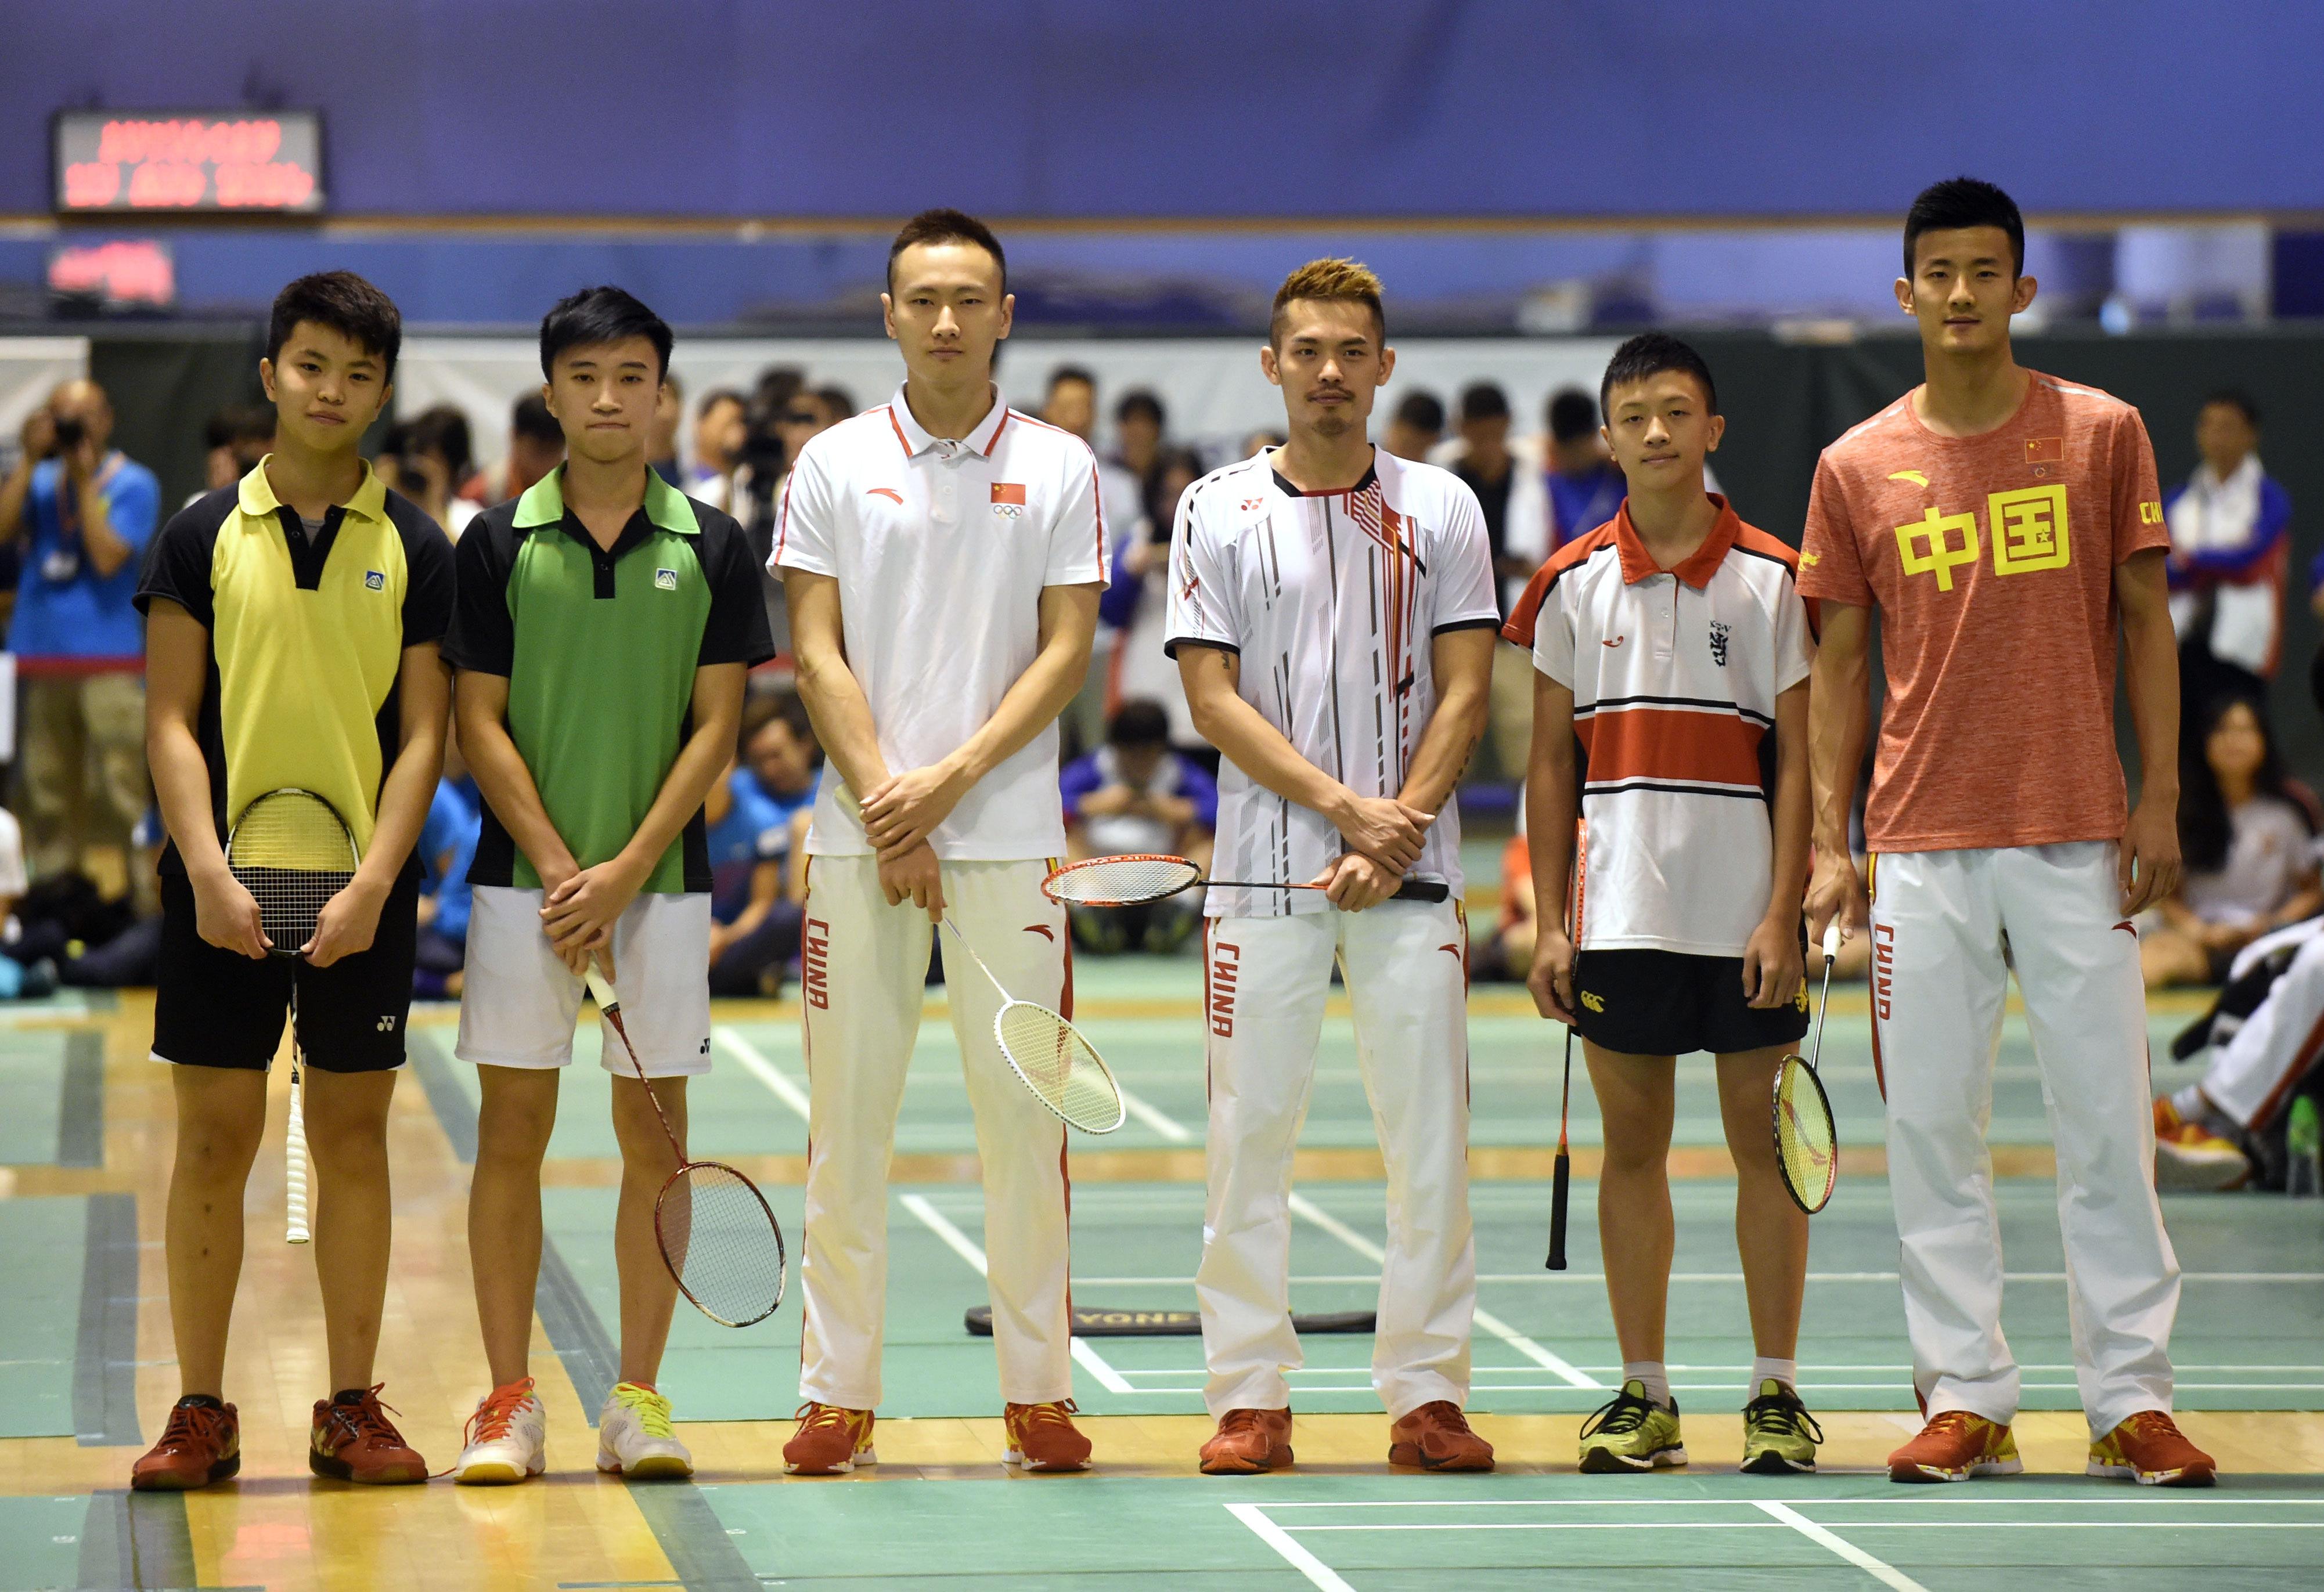 (,羽毛球运动员谌龙(右一)、林丹(右三)、张楠(左三)与学生比赛后合影。 新华社记者卢炳辉摄)